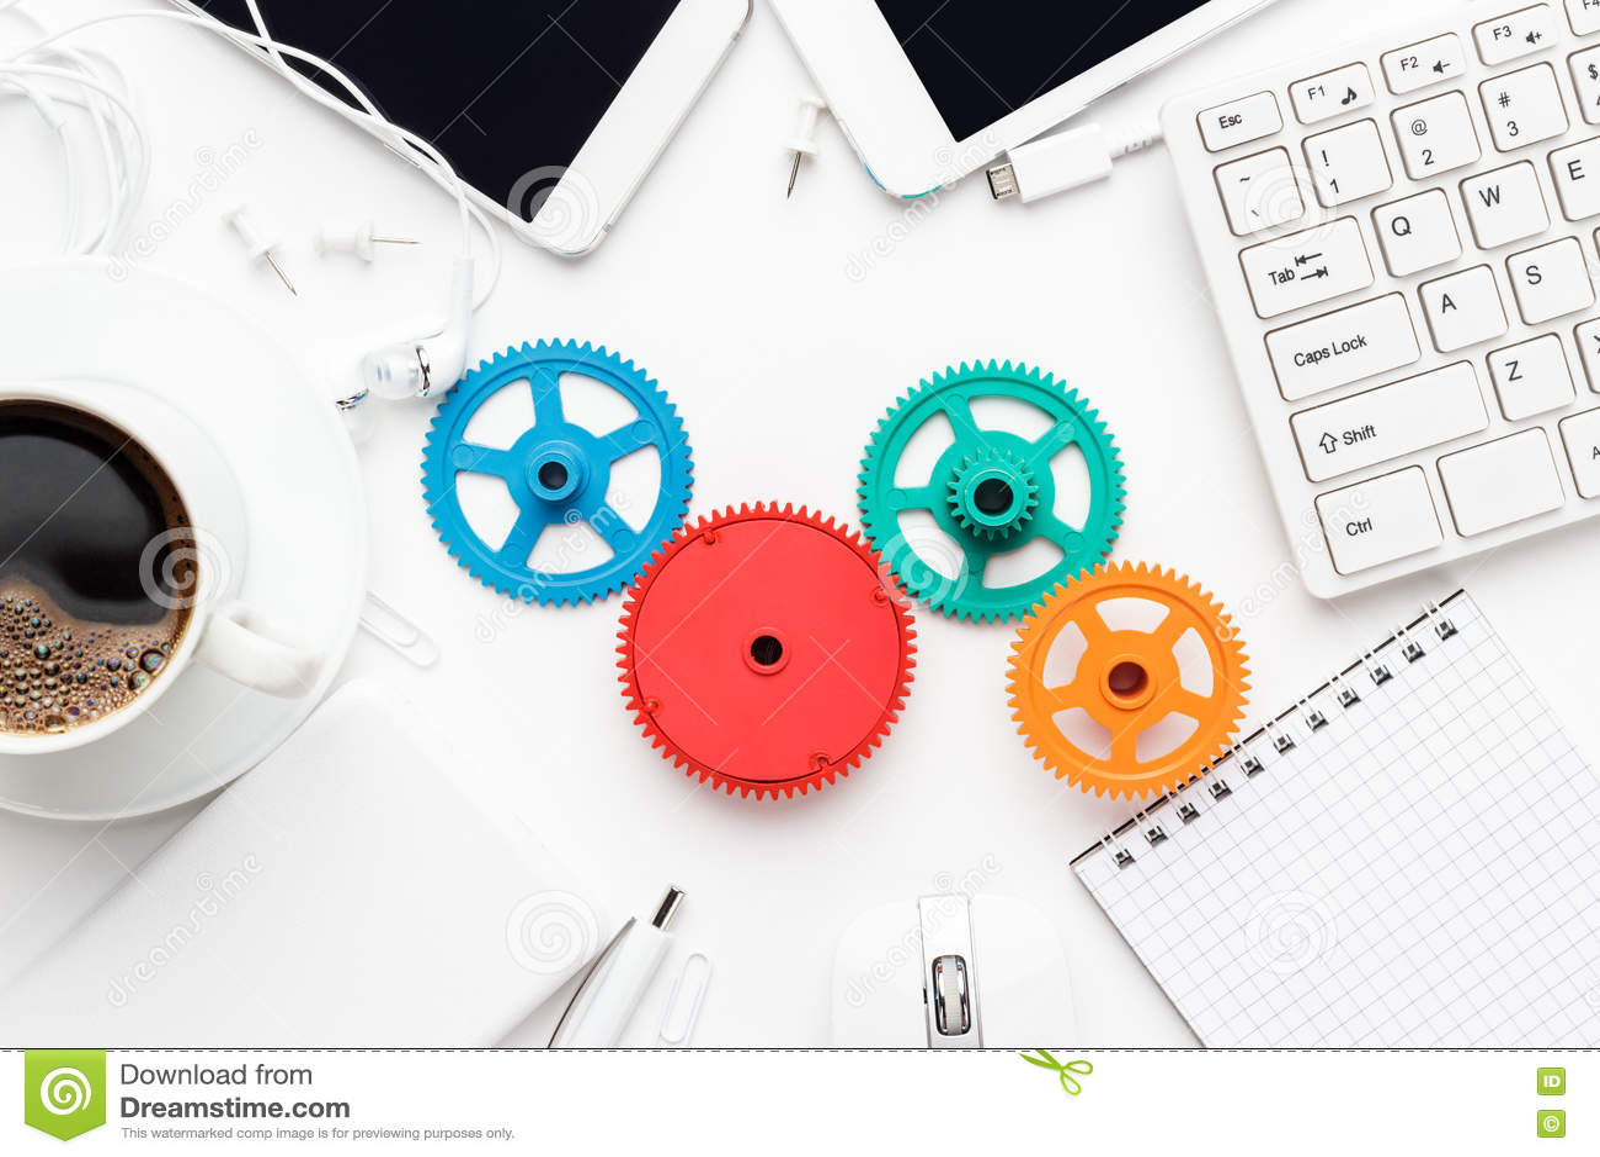 Workflow- och teamworkbegrepp med färgrika kugghjul och olika grejer